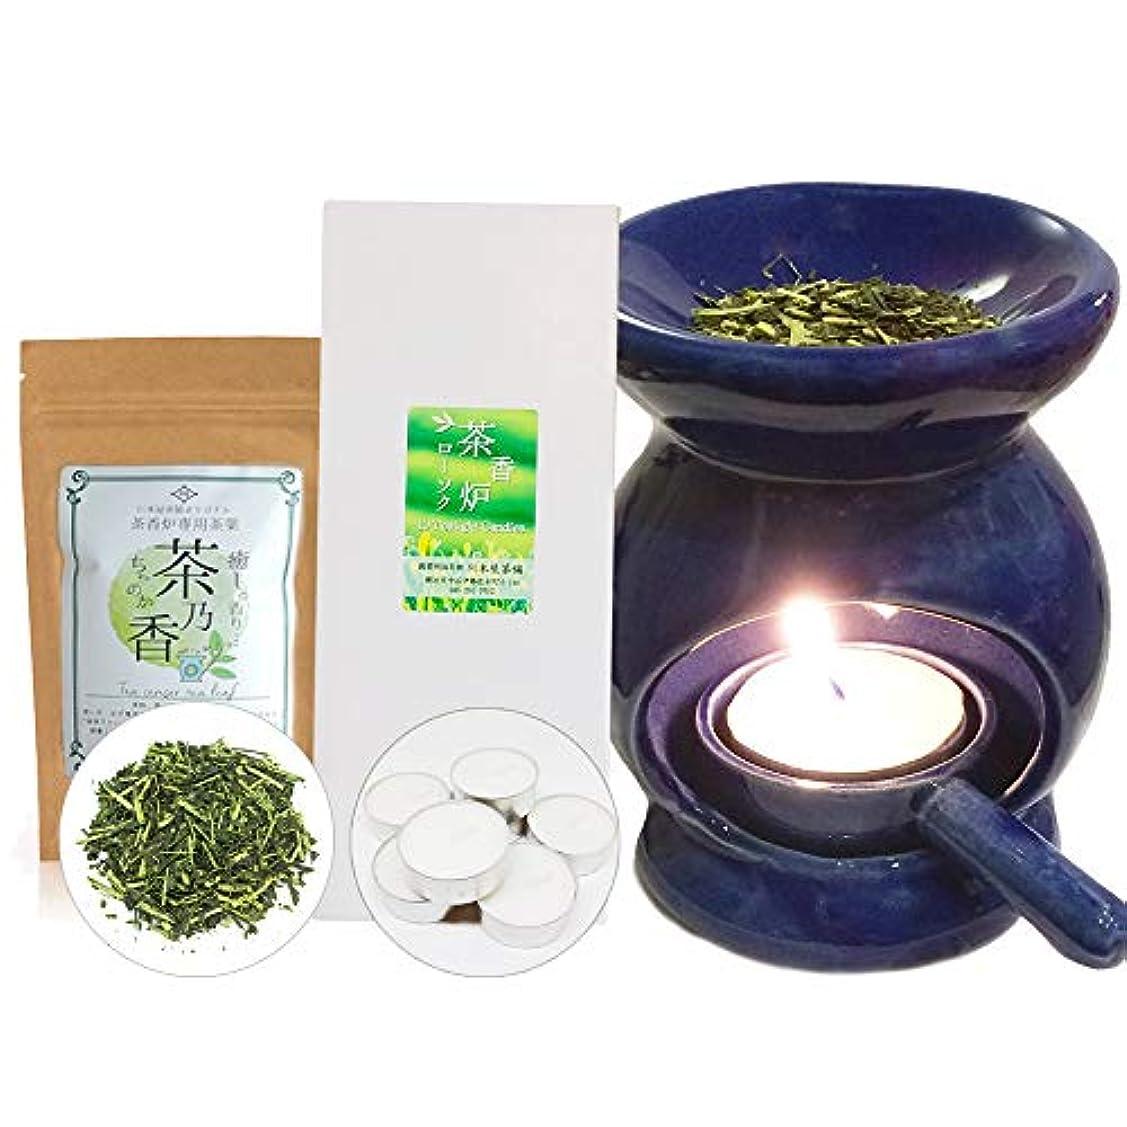 怒っているカブ汚い川本屋茶舗 はじめての茶香炉セット (茶香炉専用茶葉?ローソク付) 届いてすぐ始められる?